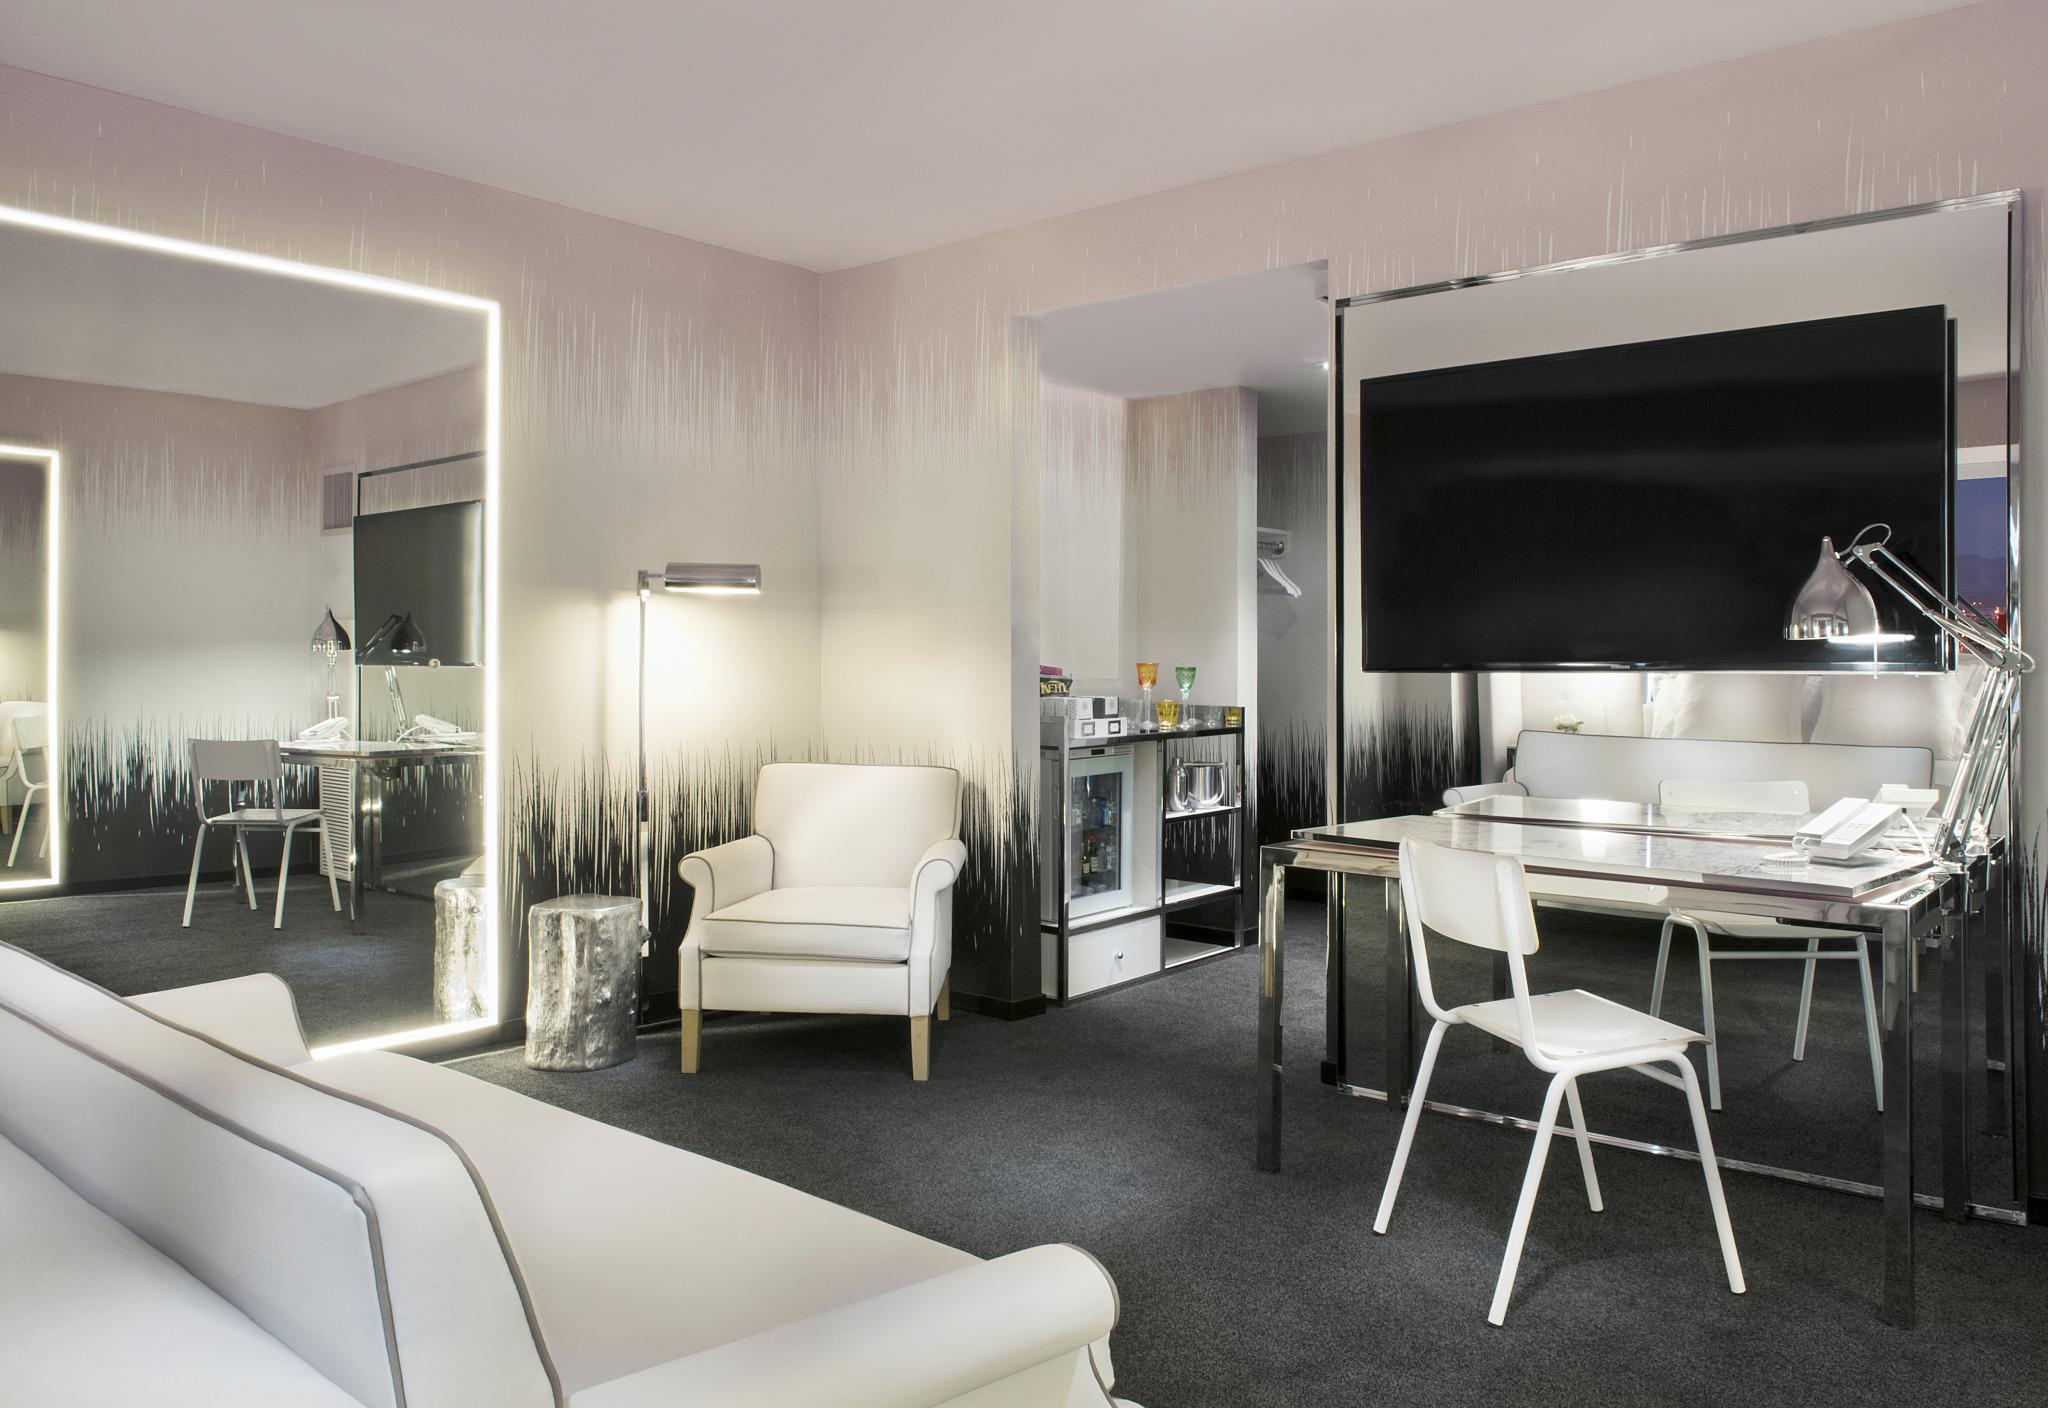 mirror image hospitality optimizing hotel design